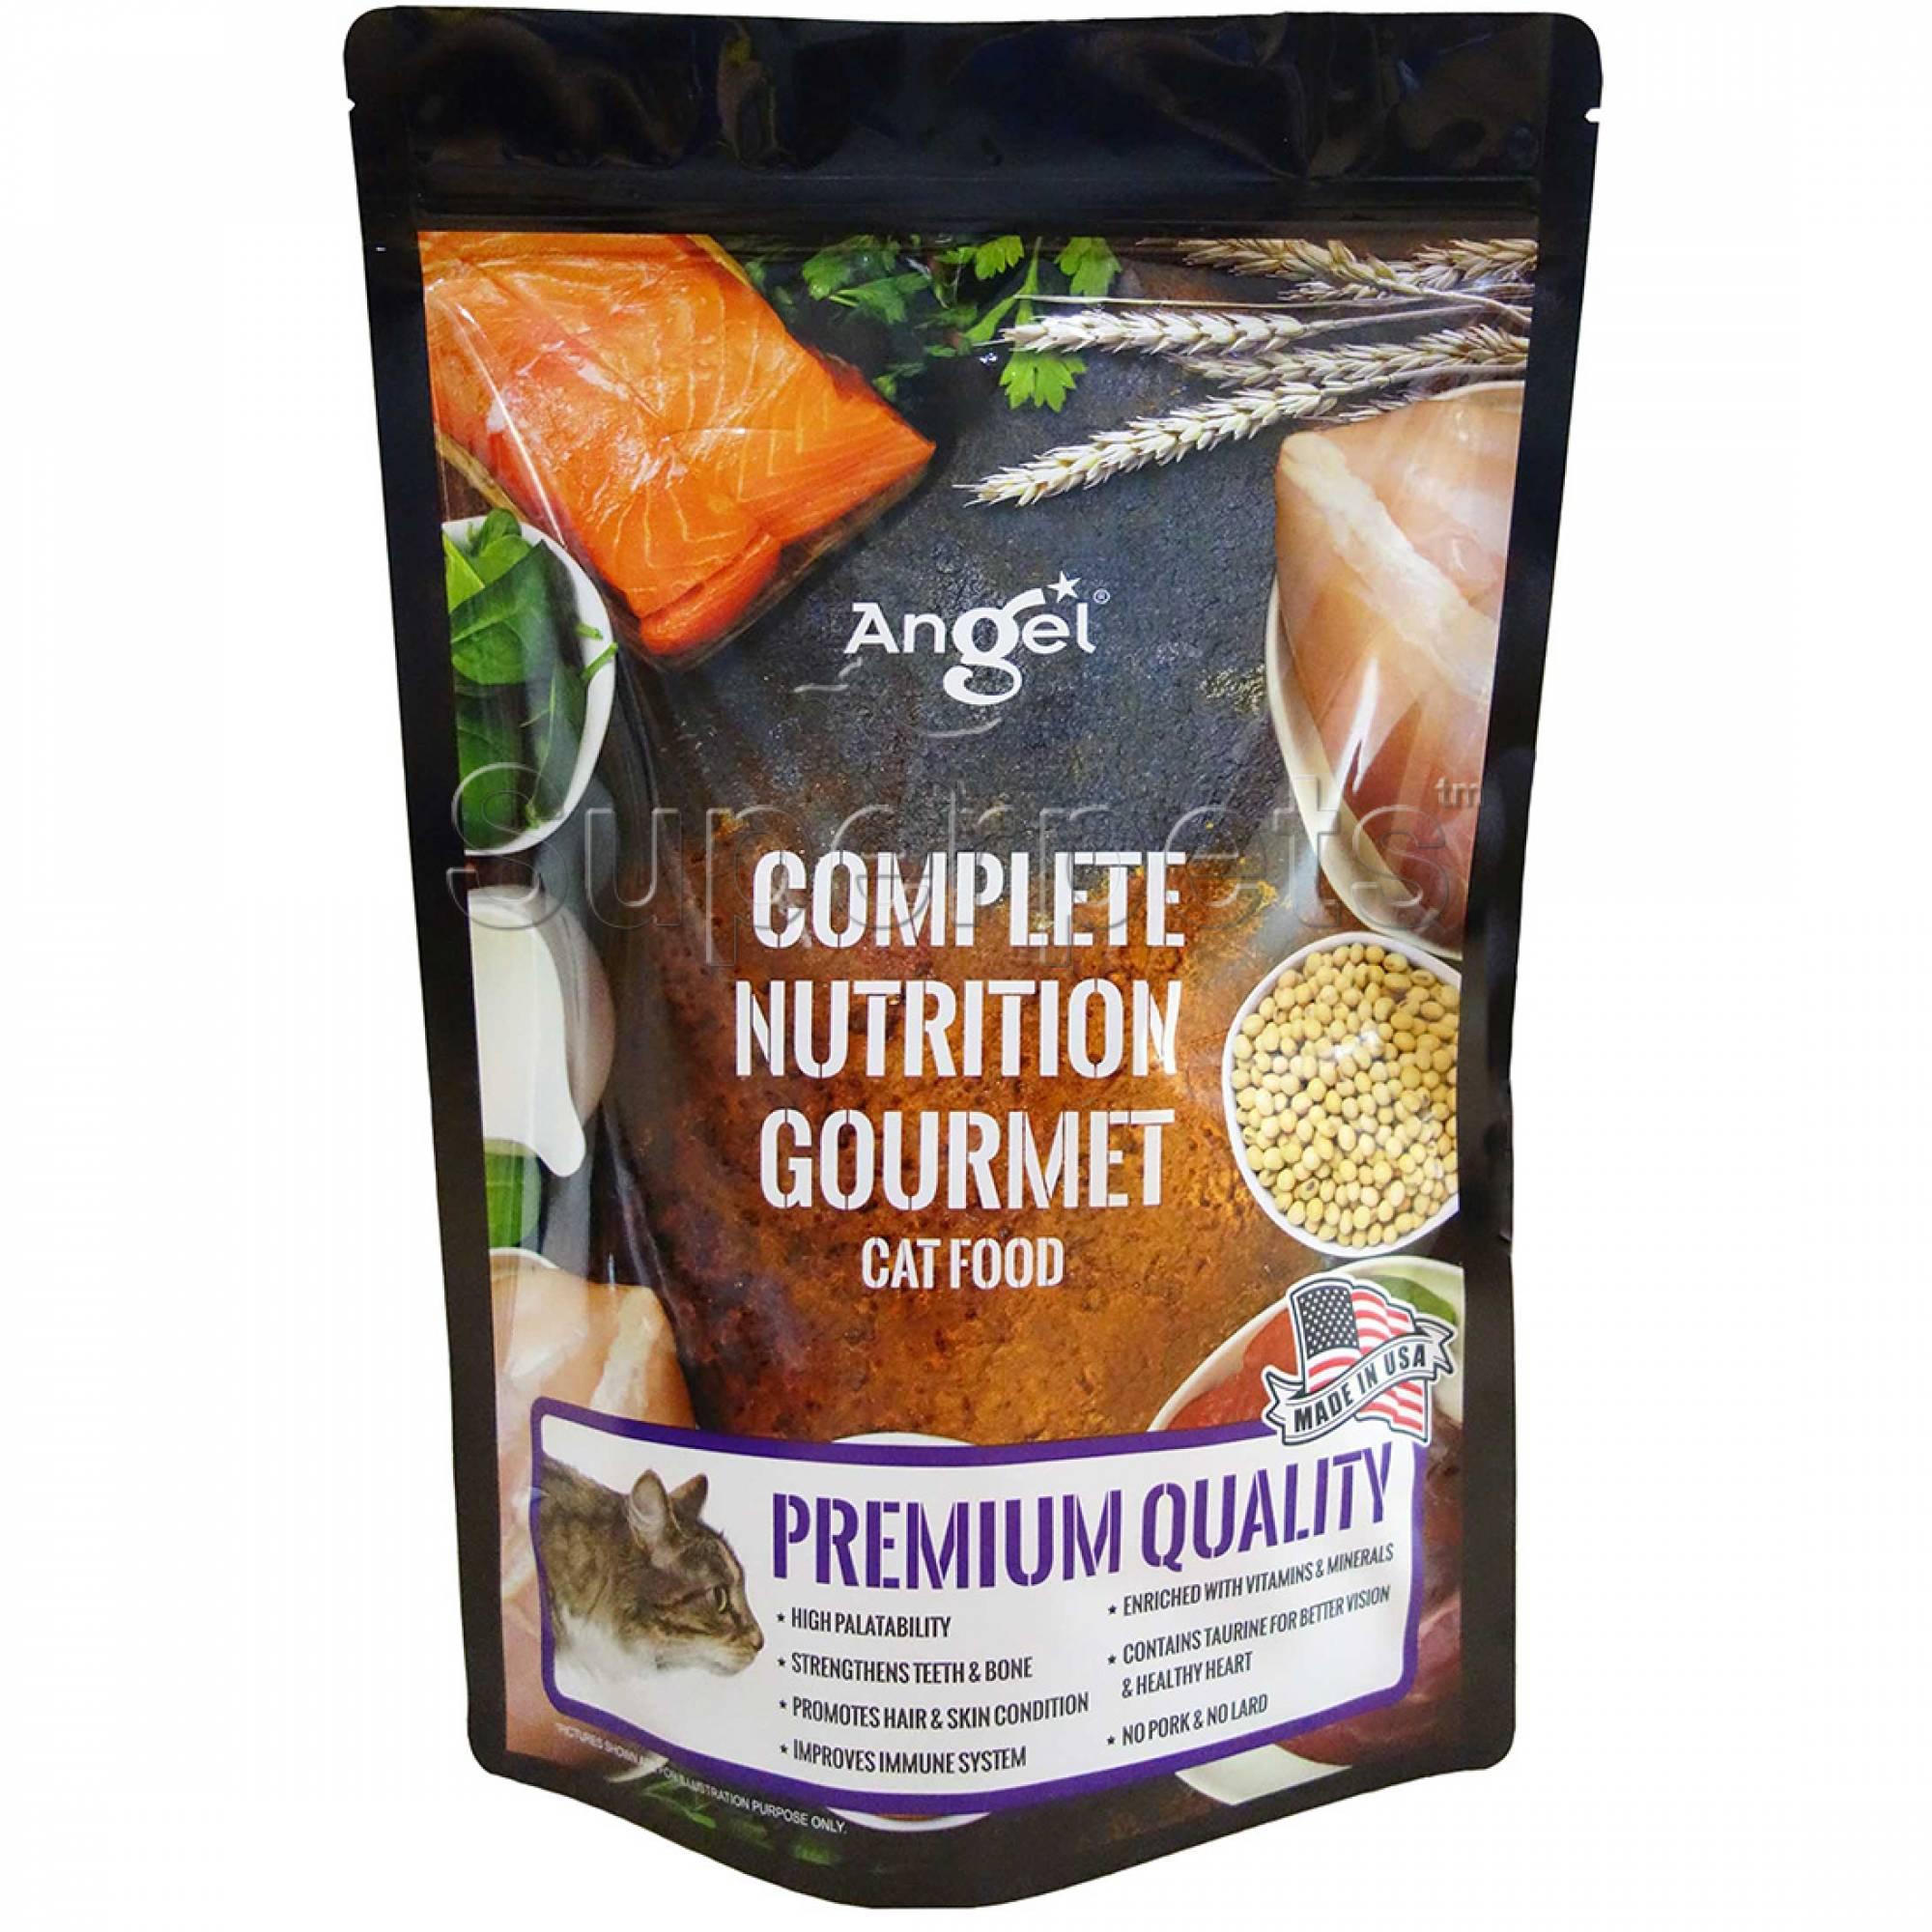 Angel - Complete Nutrition Gourmet Dry Food 1.1kg